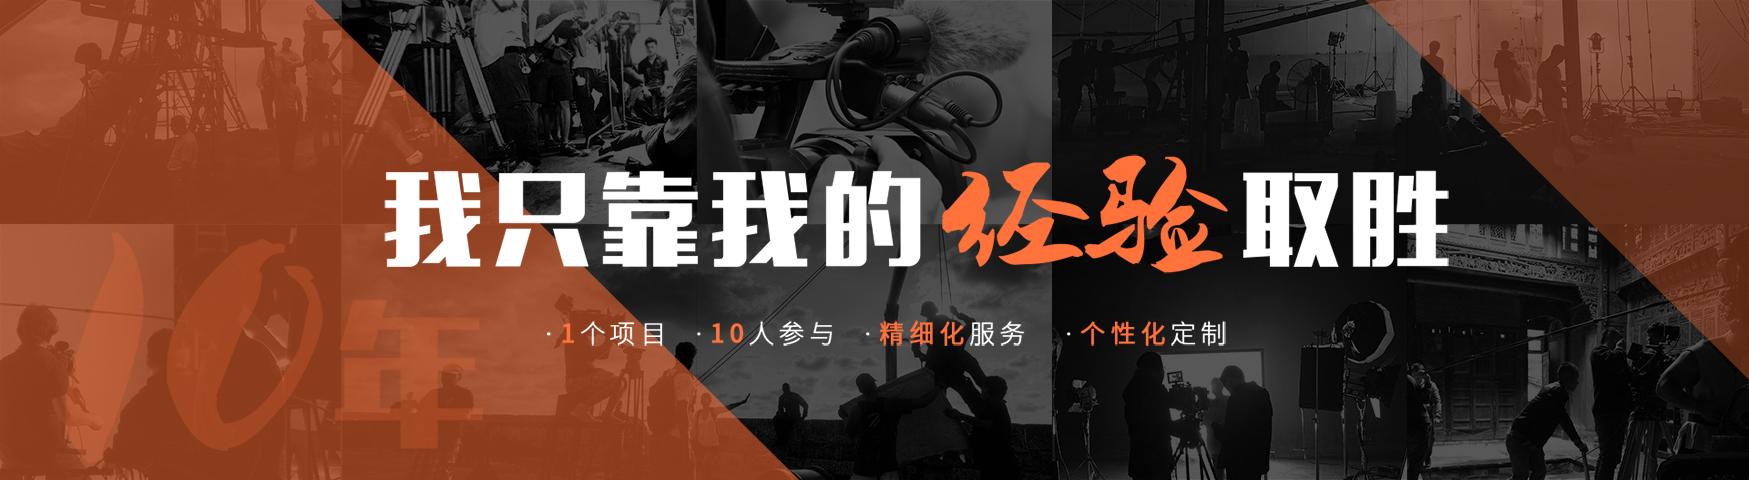 武汉企业宣传片拍摄